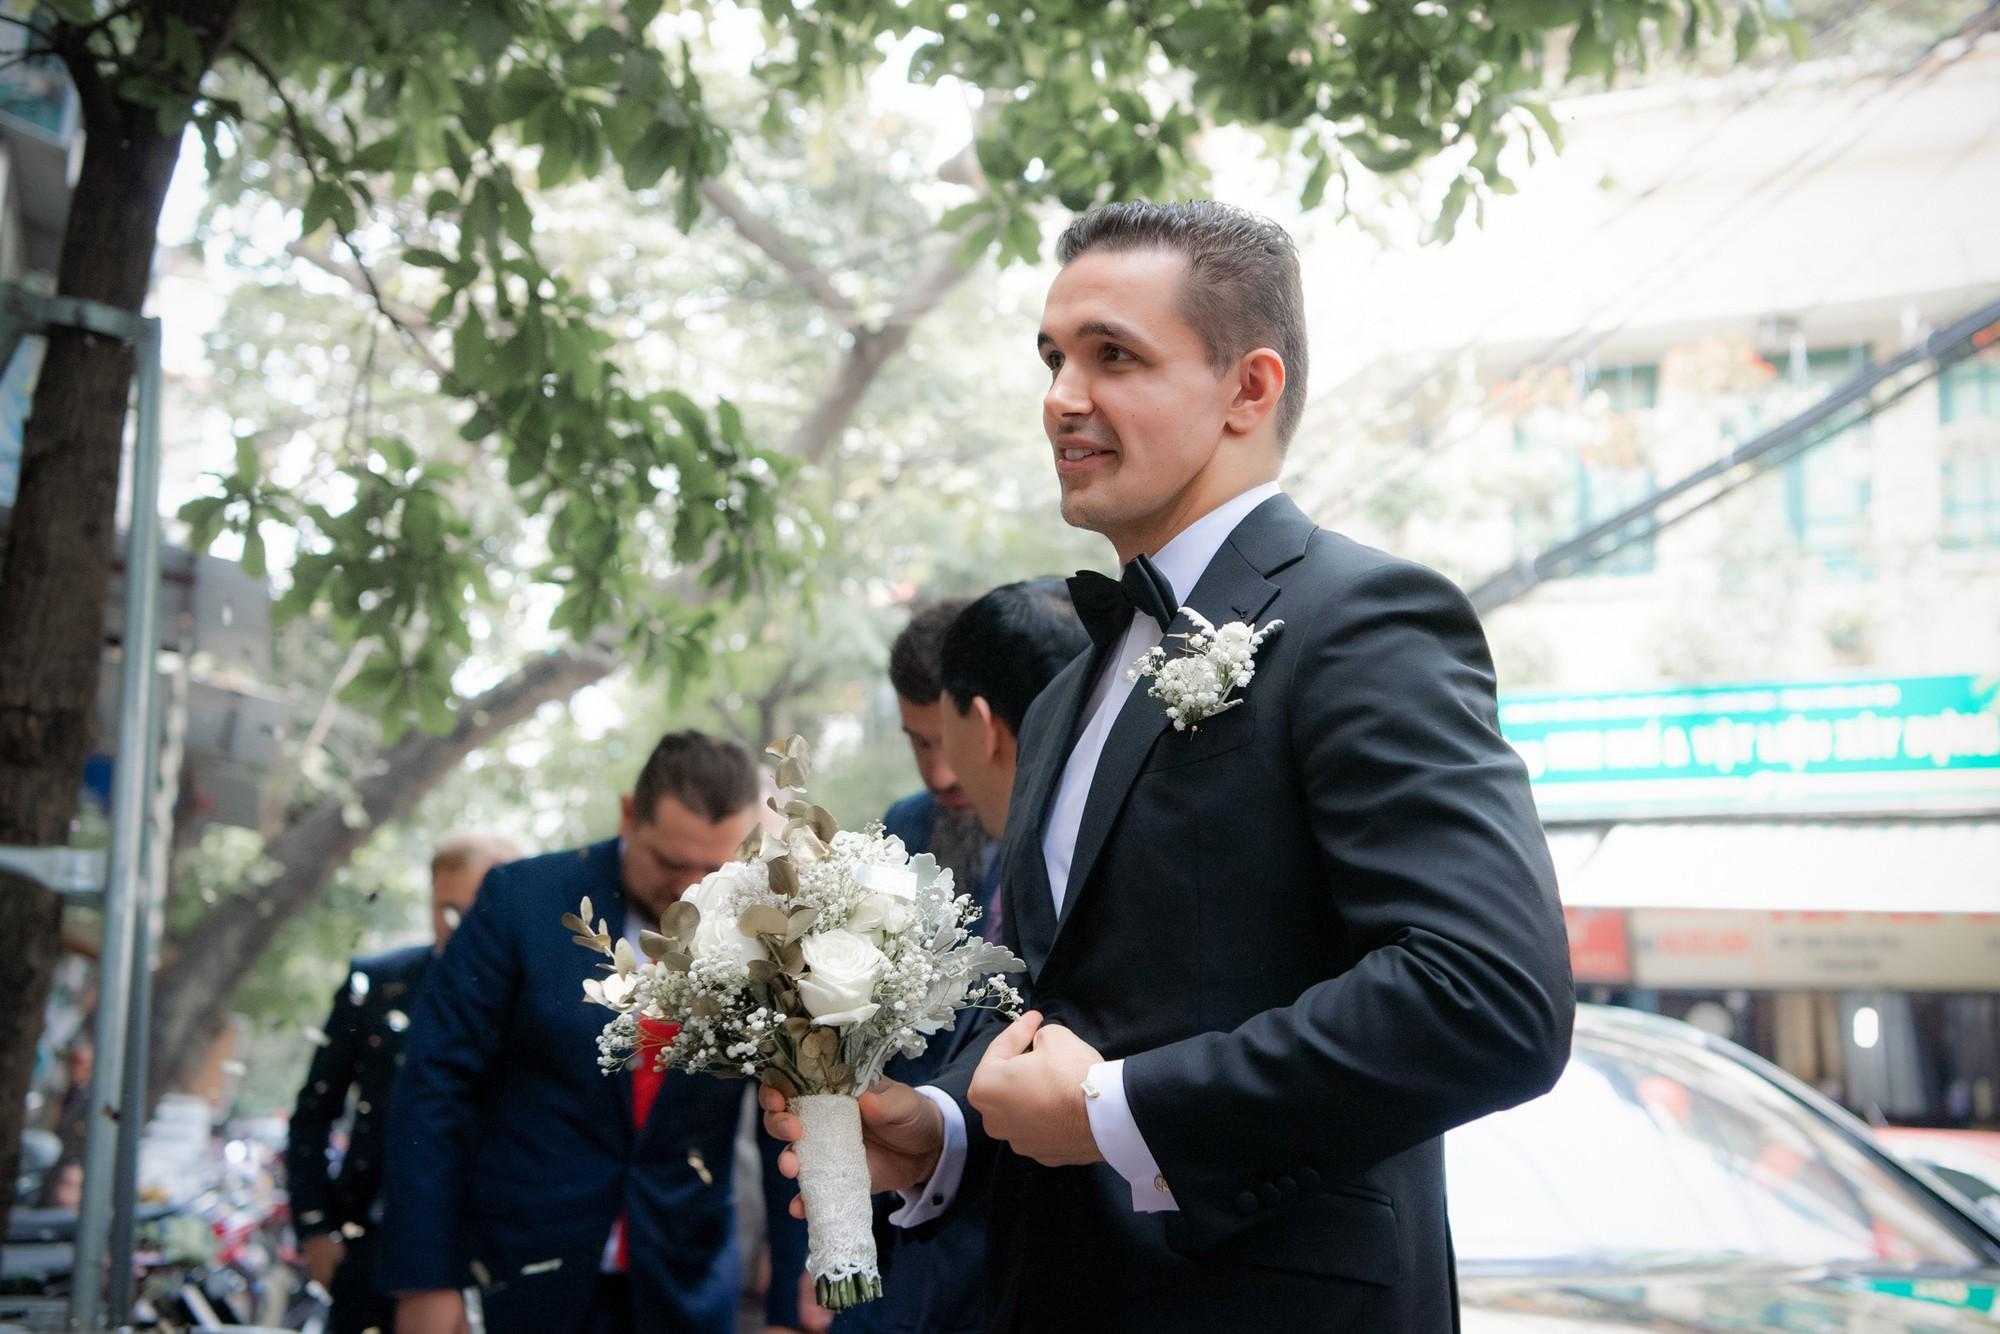 Toàn cảnh lễ đón dâu tại nhà phố cổ của siêu mẫu Phương Mai: Chú rể xuất hiện cùng đoàn xe sang, cô dâu òa khóc ôm chặt mẹ ruột  - Ảnh 3.